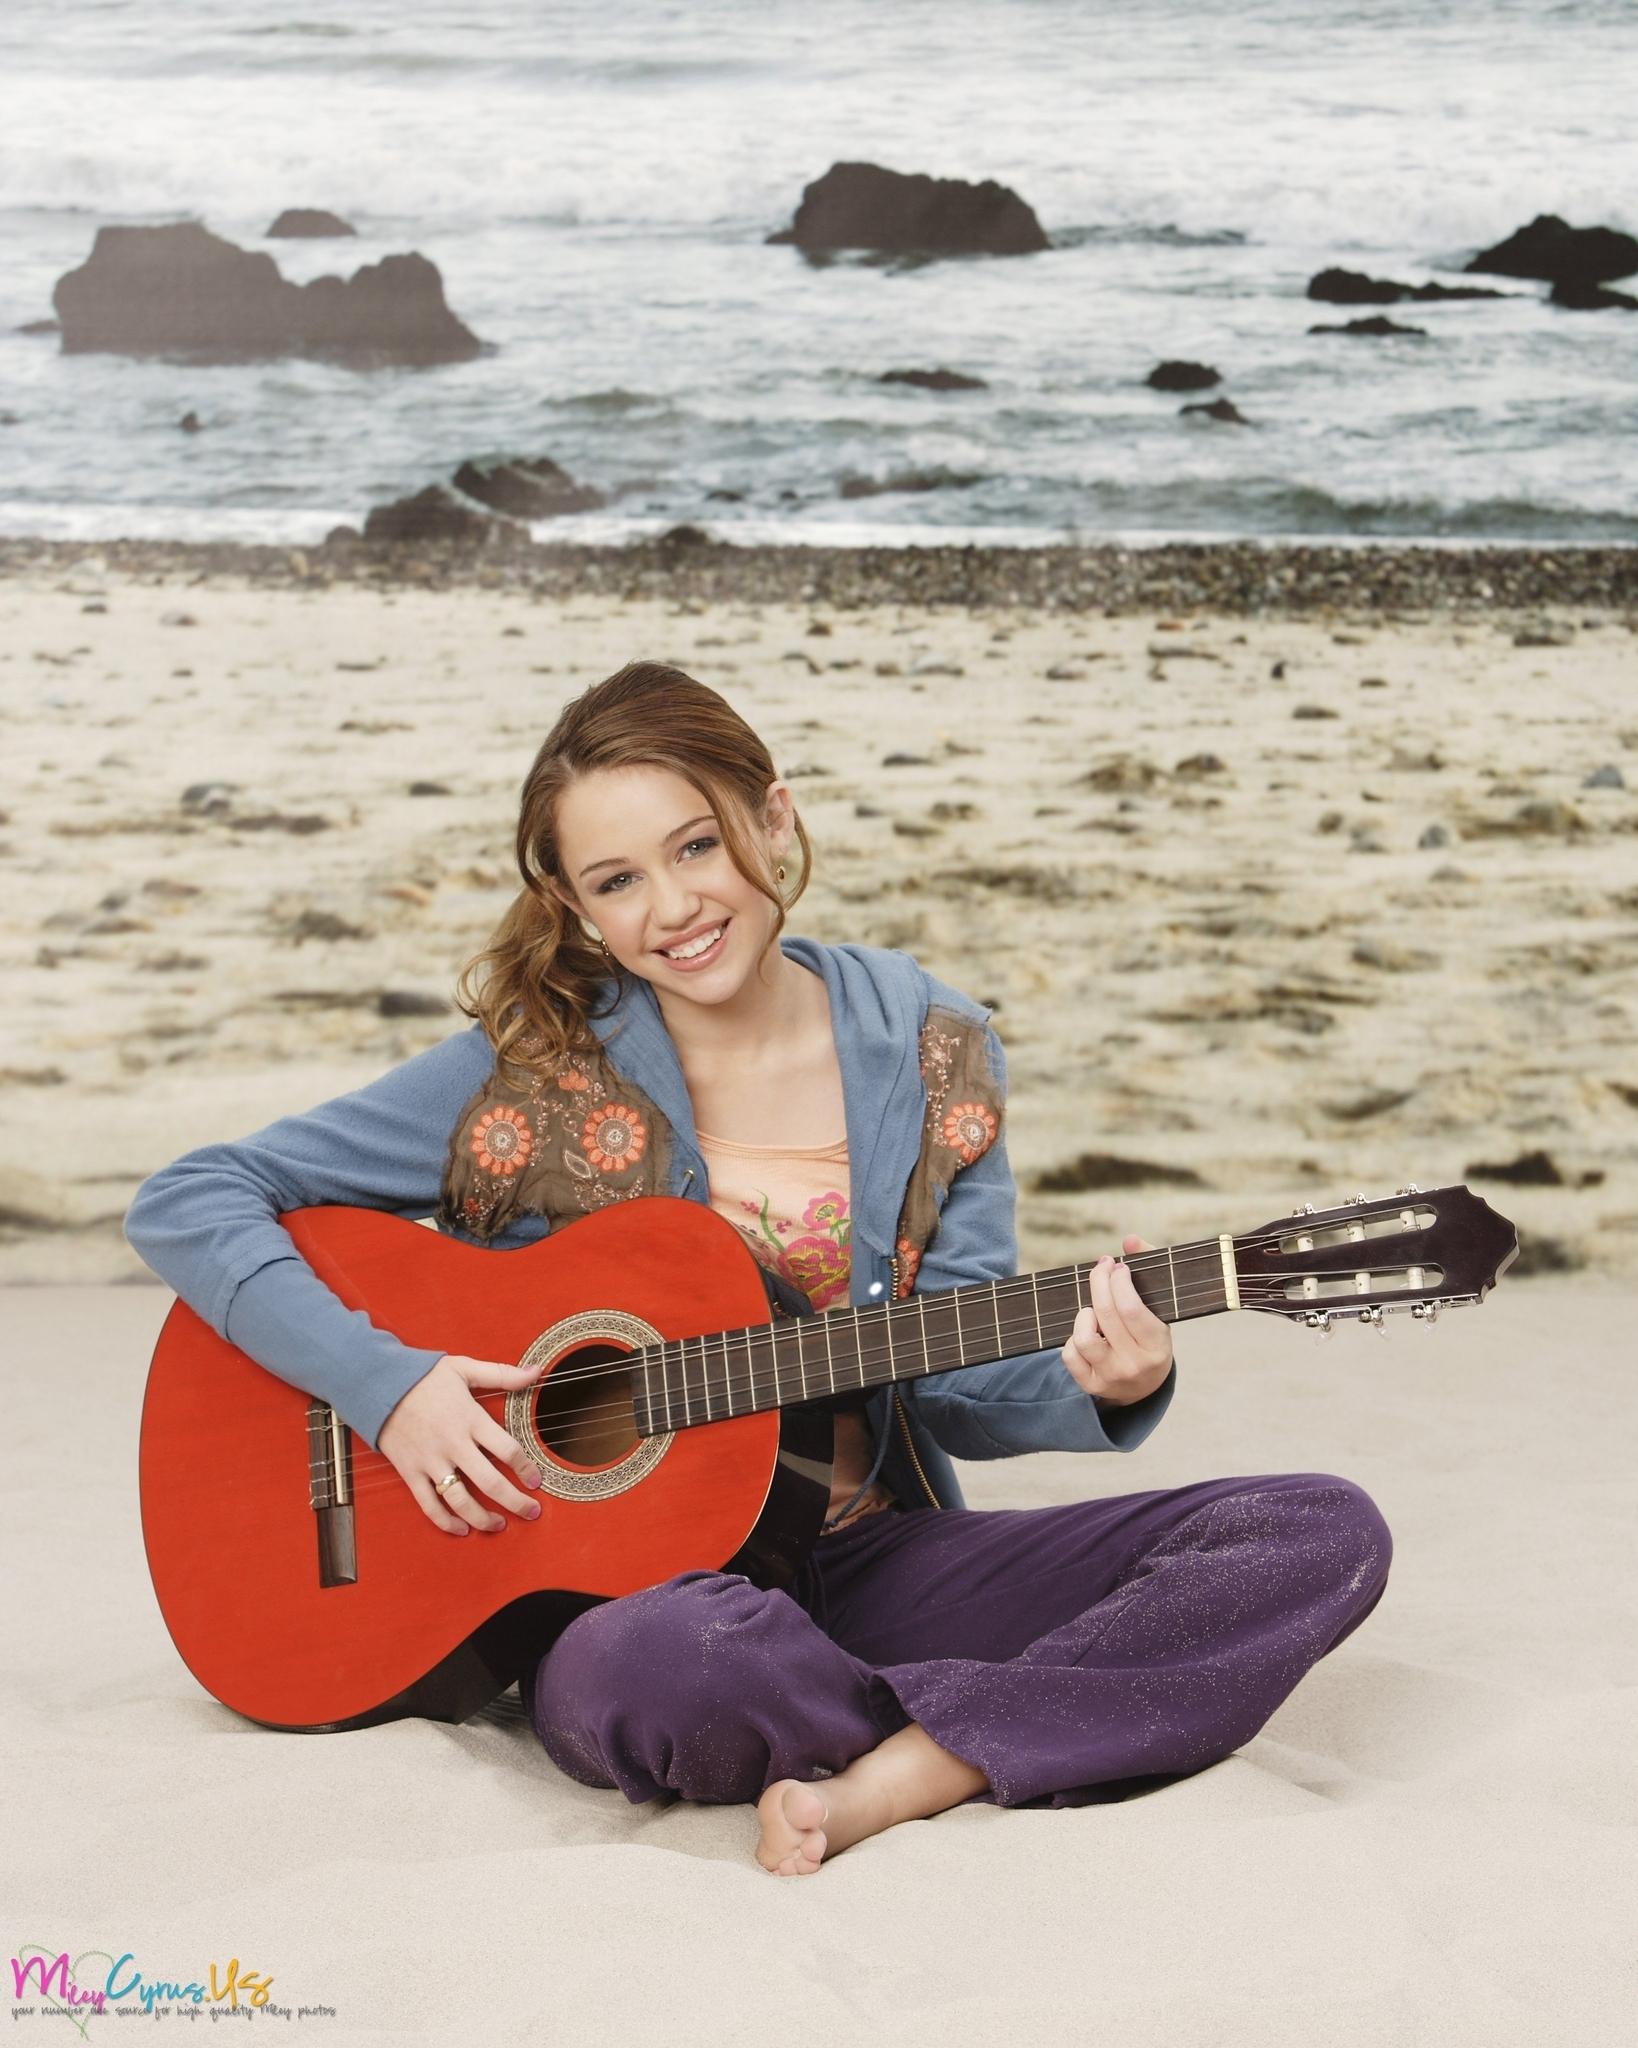 Hannah Montana Season 1 Promotional Photos [HQ] <3